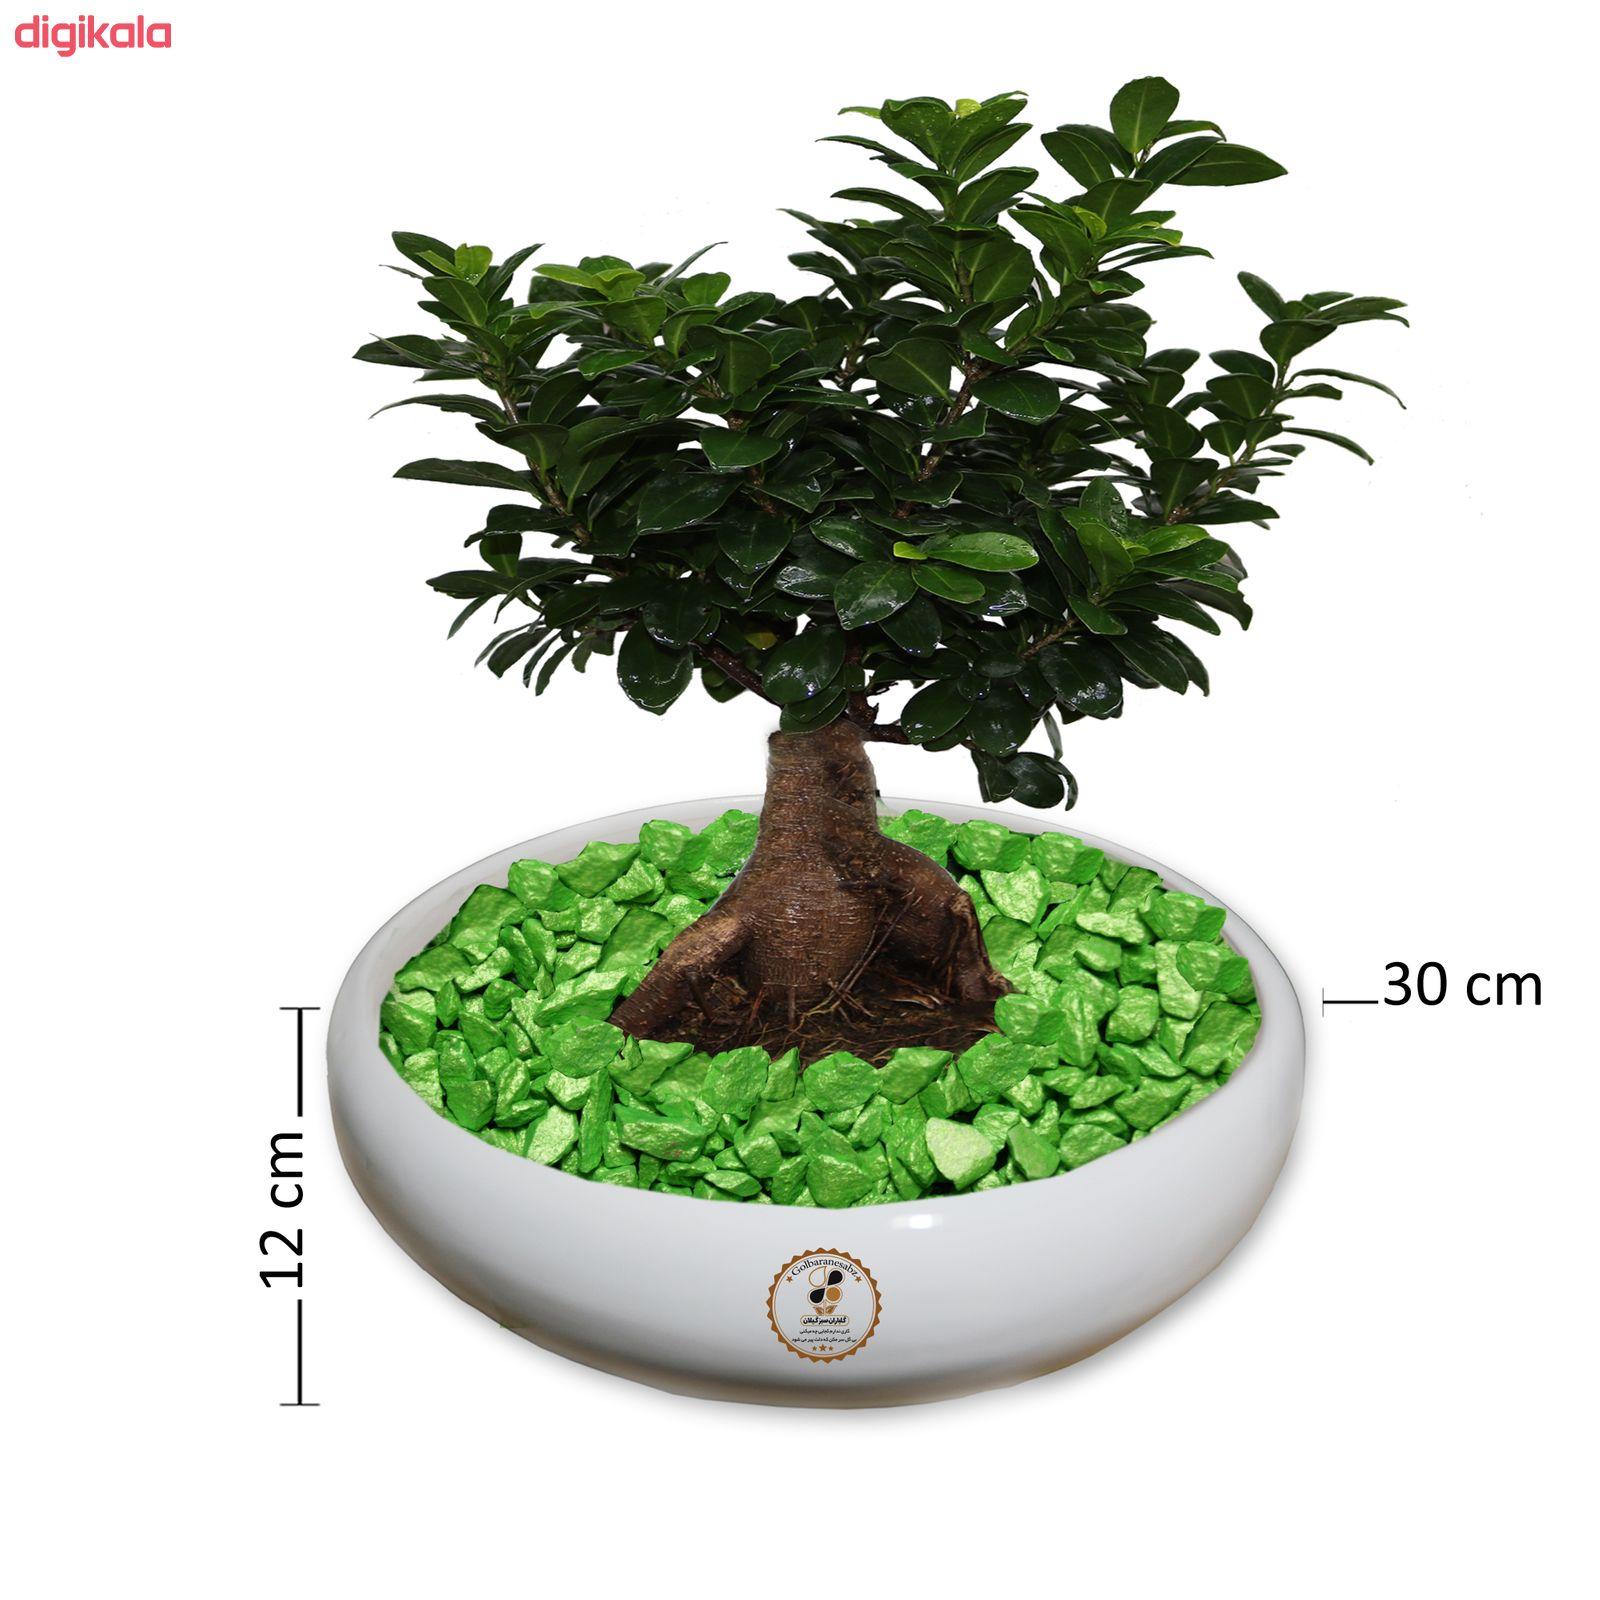 گیاه طبیعی بونسای فیکوس جینسینگ ، رتوزا گلباران سبز گیلان مدل GNB1-FG4 main 1 1